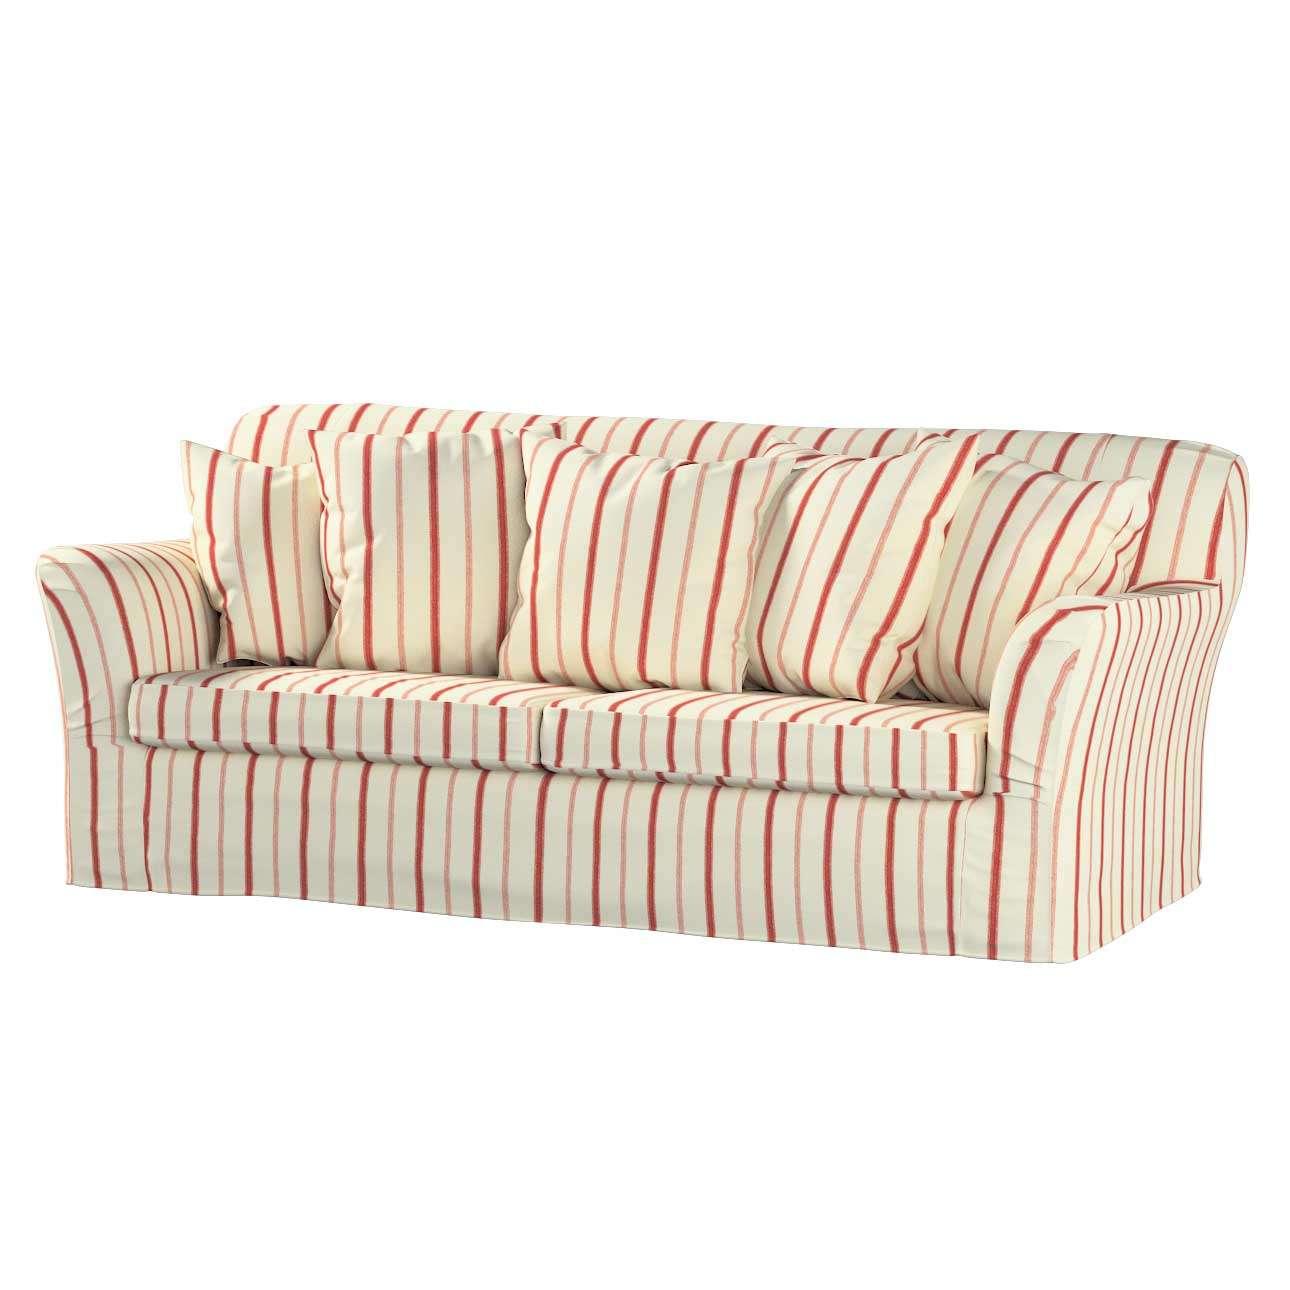 Pokrowiec na sofę Tomelilla rozkładaną Sofa Tomelilla rozkładana w kolekcji Avinon, tkanina: 129-15